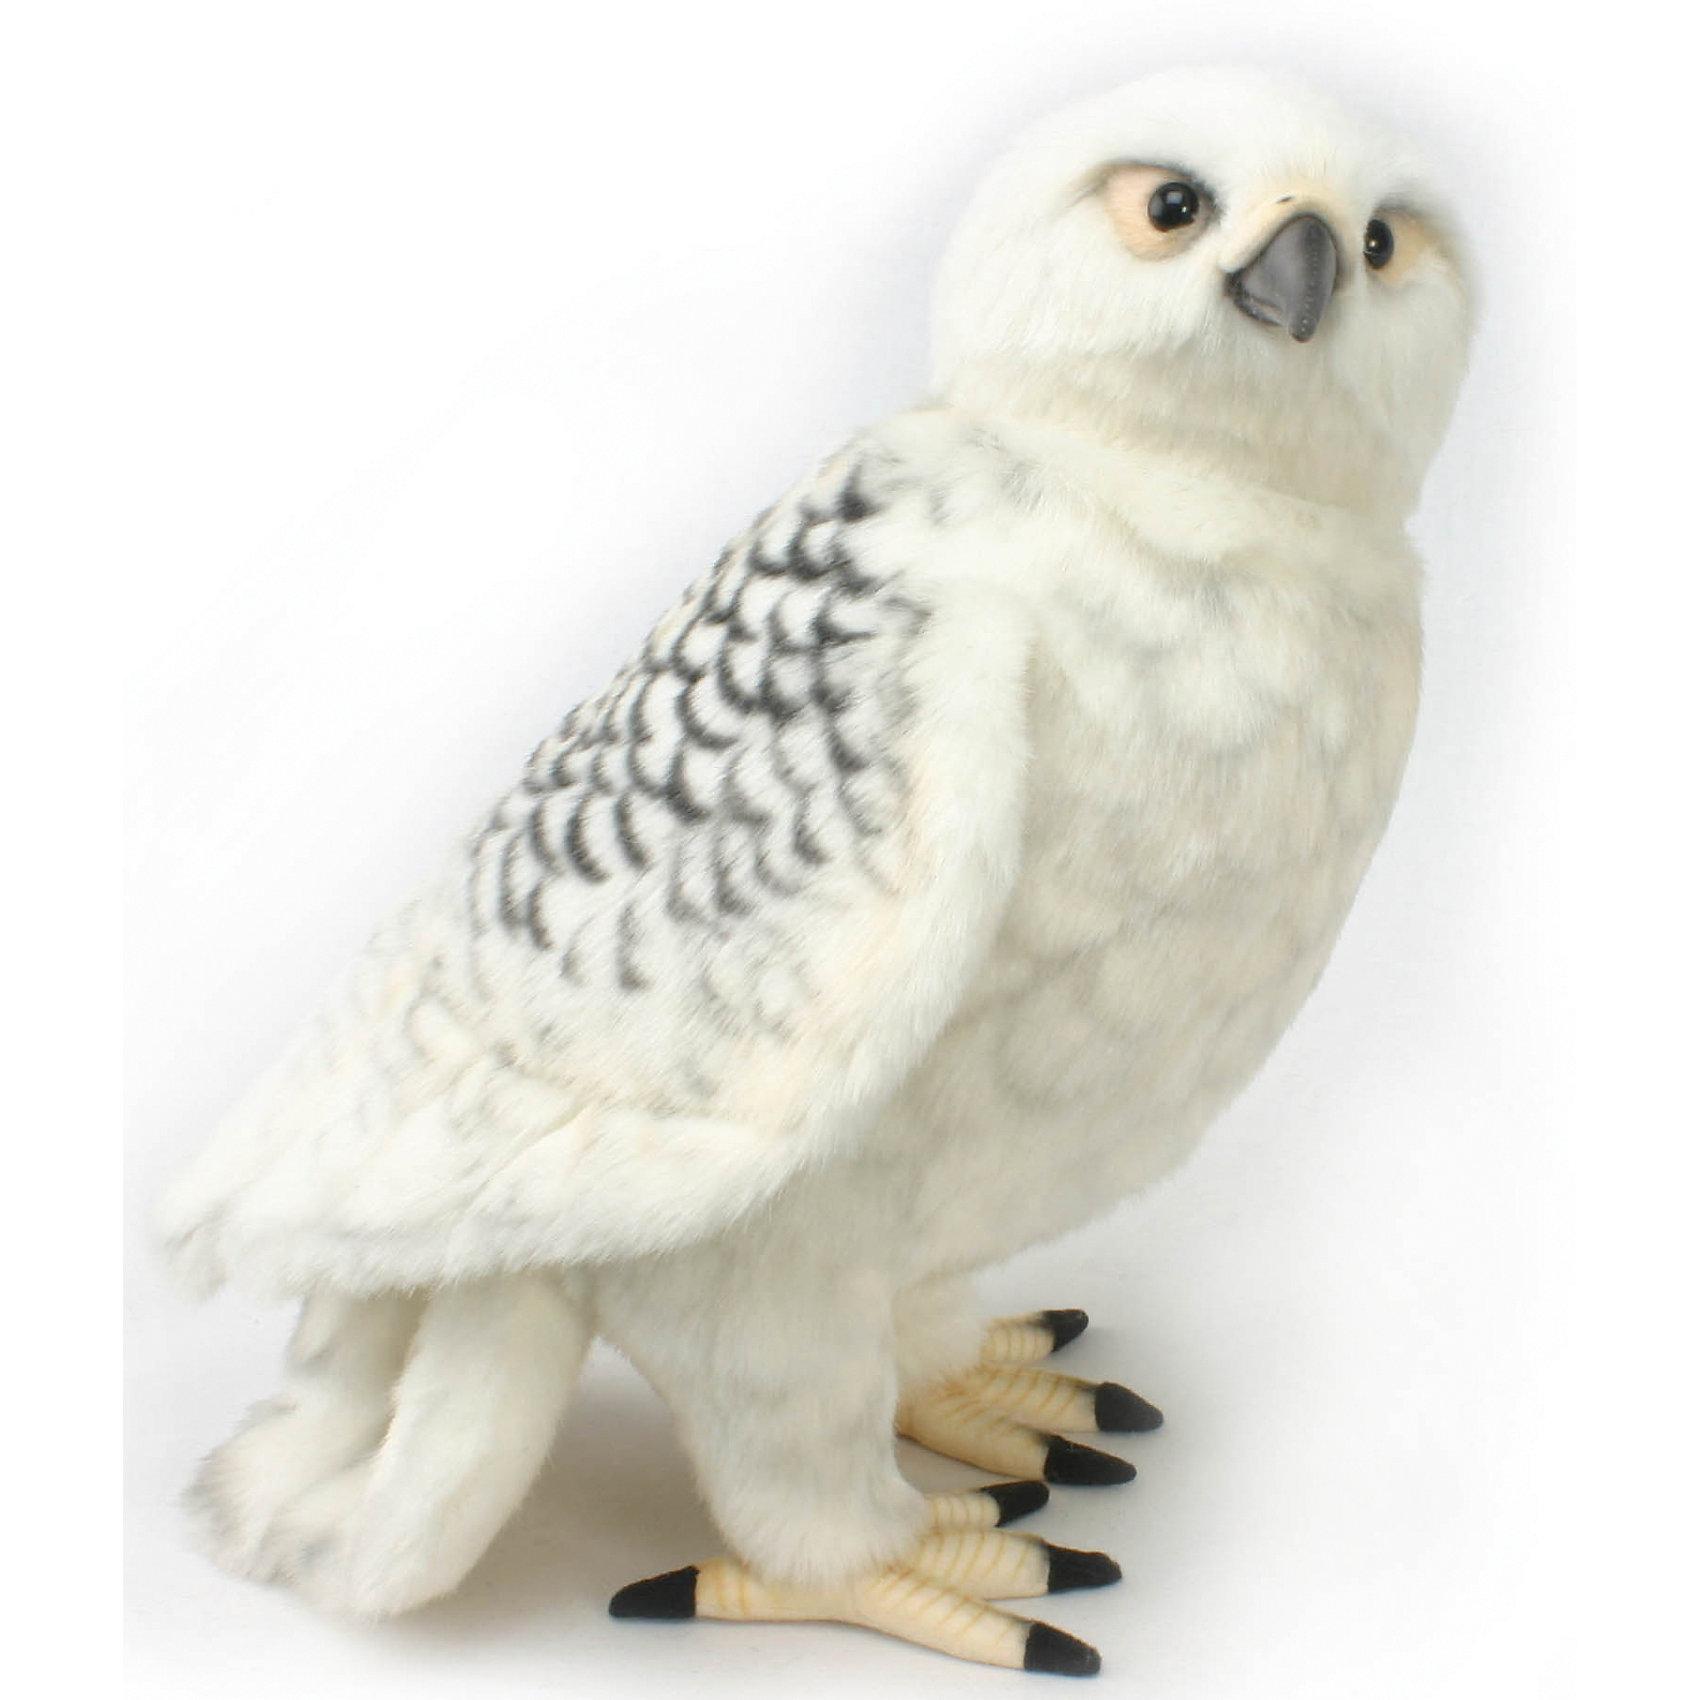 Сокол белый, 35 см, HansaЗвери и птицы<br>Сокол белый, 35 см – игрушка от знаменитого бренда Hansa, специализирующегося на выпуске мягких игрушек с высокой степенью натуралистичности. Внешний вид игрушечного сокола полностью соответствует реальному прототипу. Игрушка выполнена из светлого меха с ворсом средней длины, который обладает гипоаллергенными свойствами. Внутри имеется металлический каркас, который позволяет изменять положение. Игрушка относится к серии Хищные птицы. <br>Мягкие игрушки от Hansa подходят для сюжетно-ролевых игр или для обучающих игр. Кроме того, их можно использовать в качестве интерьерных игрушек. Игрушки от Hansa будут радовать вашего ребенка долгое время, так как ручная работа и качественные материалы гарантируют их долговечность и прочность.<br><br>Дополнительная информация:<br><br>- Вид игр: сюжетно-ролевые игры, коллекционирование, интерьерные игрушки<br>- Предназначение: для дома, для детских развивающих центров, для детских садов<br>- Материал: искусственный мех, наполнитель ? полиэфирное волокно<br>- Размер (ДхШхВ): 24*35*20 см<br>- Вес: 700 г<br>- Особенности ухода: сухая чистка при помощи пылесоса или щетки для одежды<br><br>Подробнее:<br><br>• Для детей в возрасте: от 3 лет <br>• Страна производитель: Филиппины<br>• Торговый бренд: Hansa<br><br>Сокола белого, 35 см можно купить в нашем интернет-магазине.<br><br>Ширина мм: 24<br>Глубина мм: 35<br>Высота мм: 20<br>Вес г: 700<br>Возраст от месяцев: 36<br>Возраст до месяцев: 2147483647<br>Пол: Унисекс<br>Возраст: Детский<br>SKU: 4927195